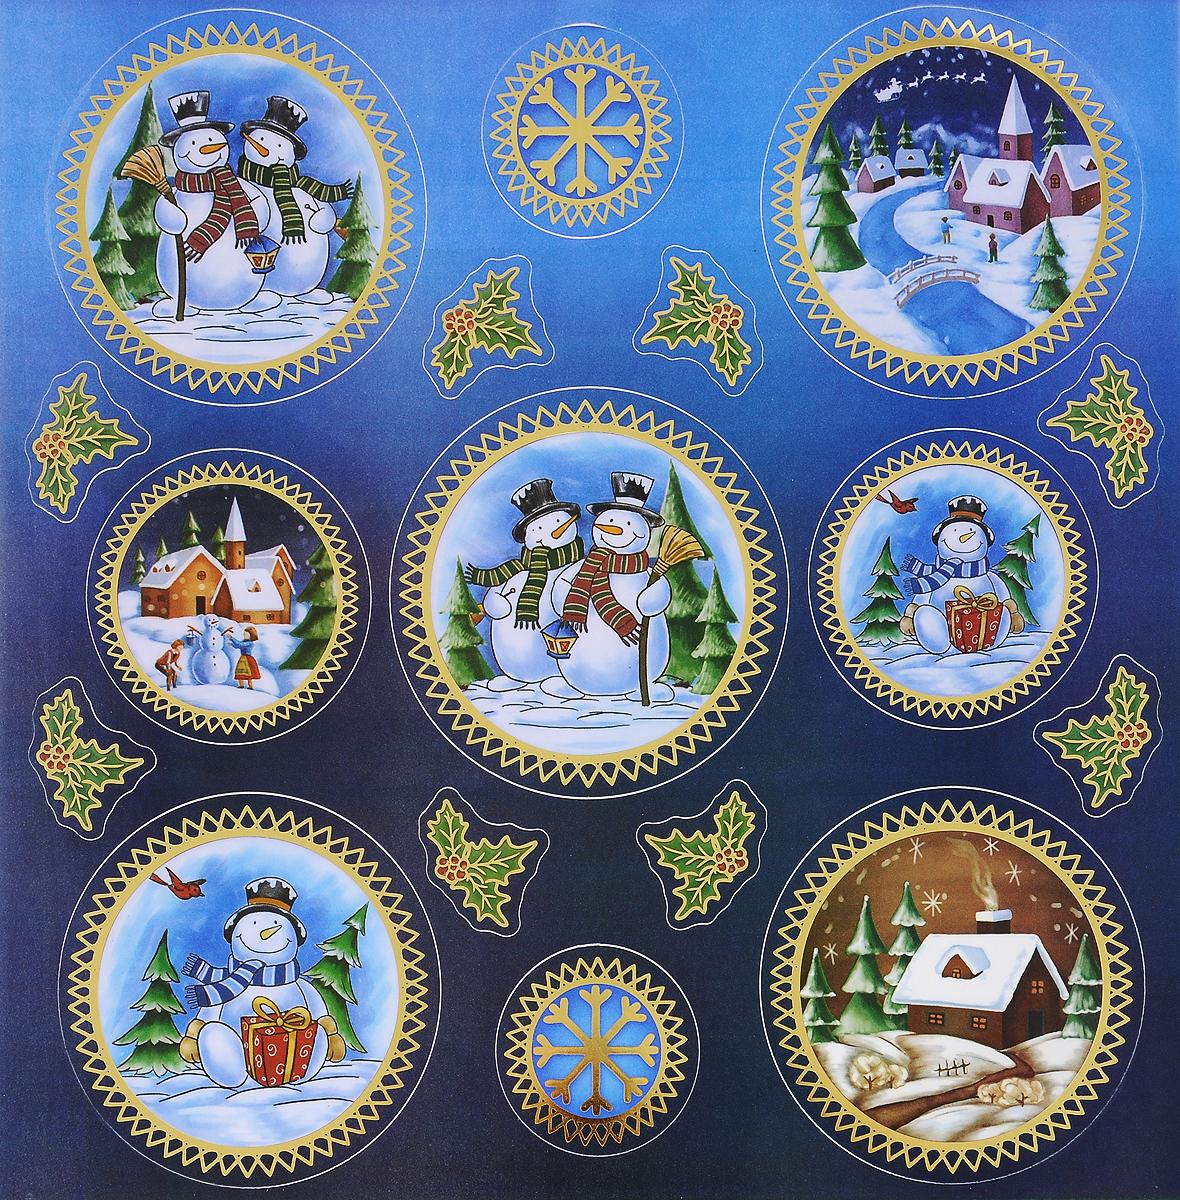 Украшение новогоднее оконное Winter Wings Снеговики, 16 штN09289Новогоднее оконное украшение Winter Wings Снеговики поможет украсить дом к предстоящим праздникам. Наклейки изготовлены из ПВХ.С помощью этих украшений вы сможете оживить интерьер по своему вкусу, наклеить их на окно, на зеркало или на дверь.Новогодние украшения всегда несут в себе волшебство и красоту праздника. Создайте в своем доме атмосферу тепла, веселья и радости, украшая его всей семьей. Размер листа: 29,5 х 29 см. Количество наклеек на листе: 16 шт. Размер самой большой наклейки: 10 х 10 см. Размер самой маленькой наклейки: 3 х 4 см.